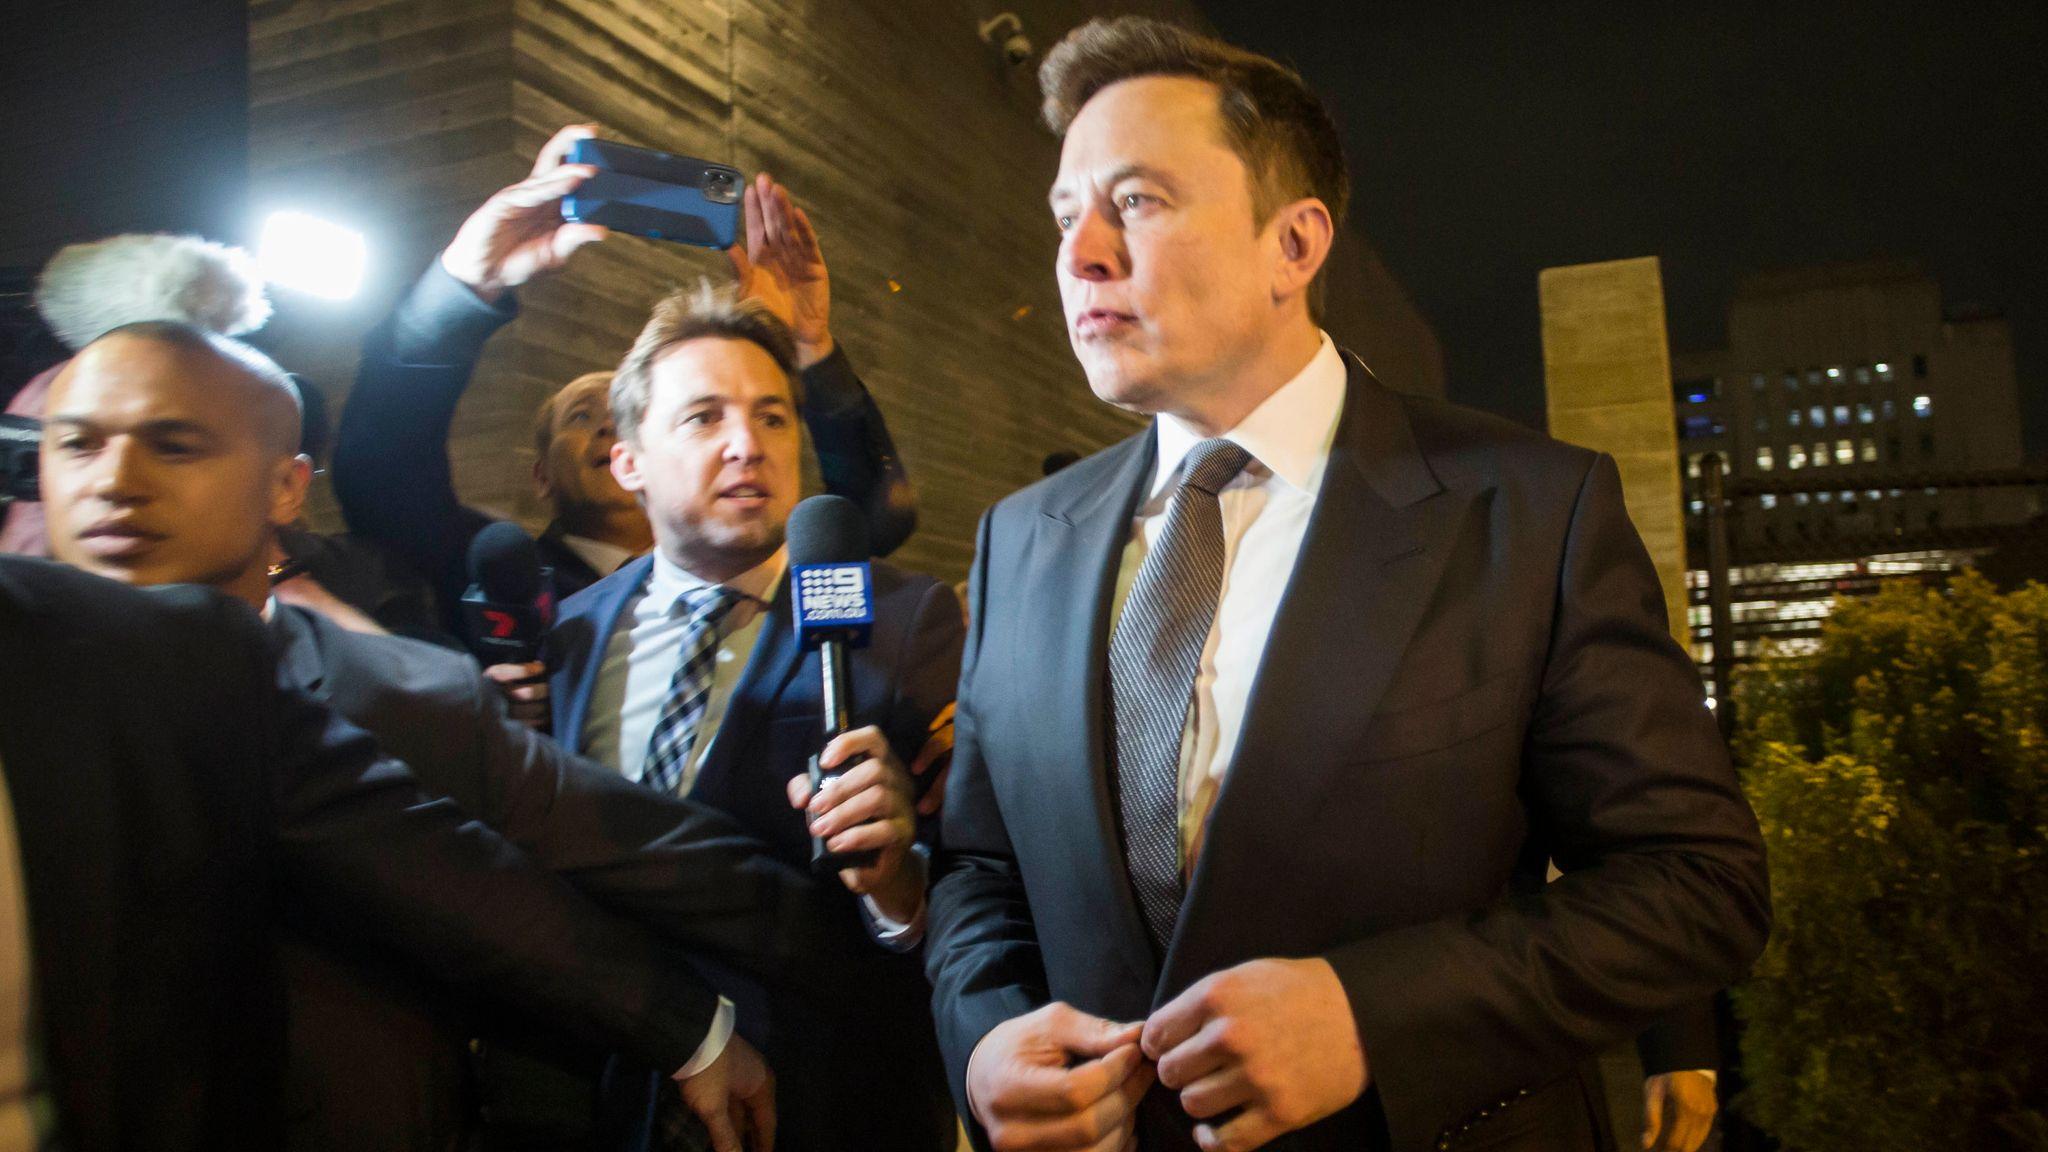 Elon Musk's 'pedo guy' insult 'totally false', says caver's estranged wife